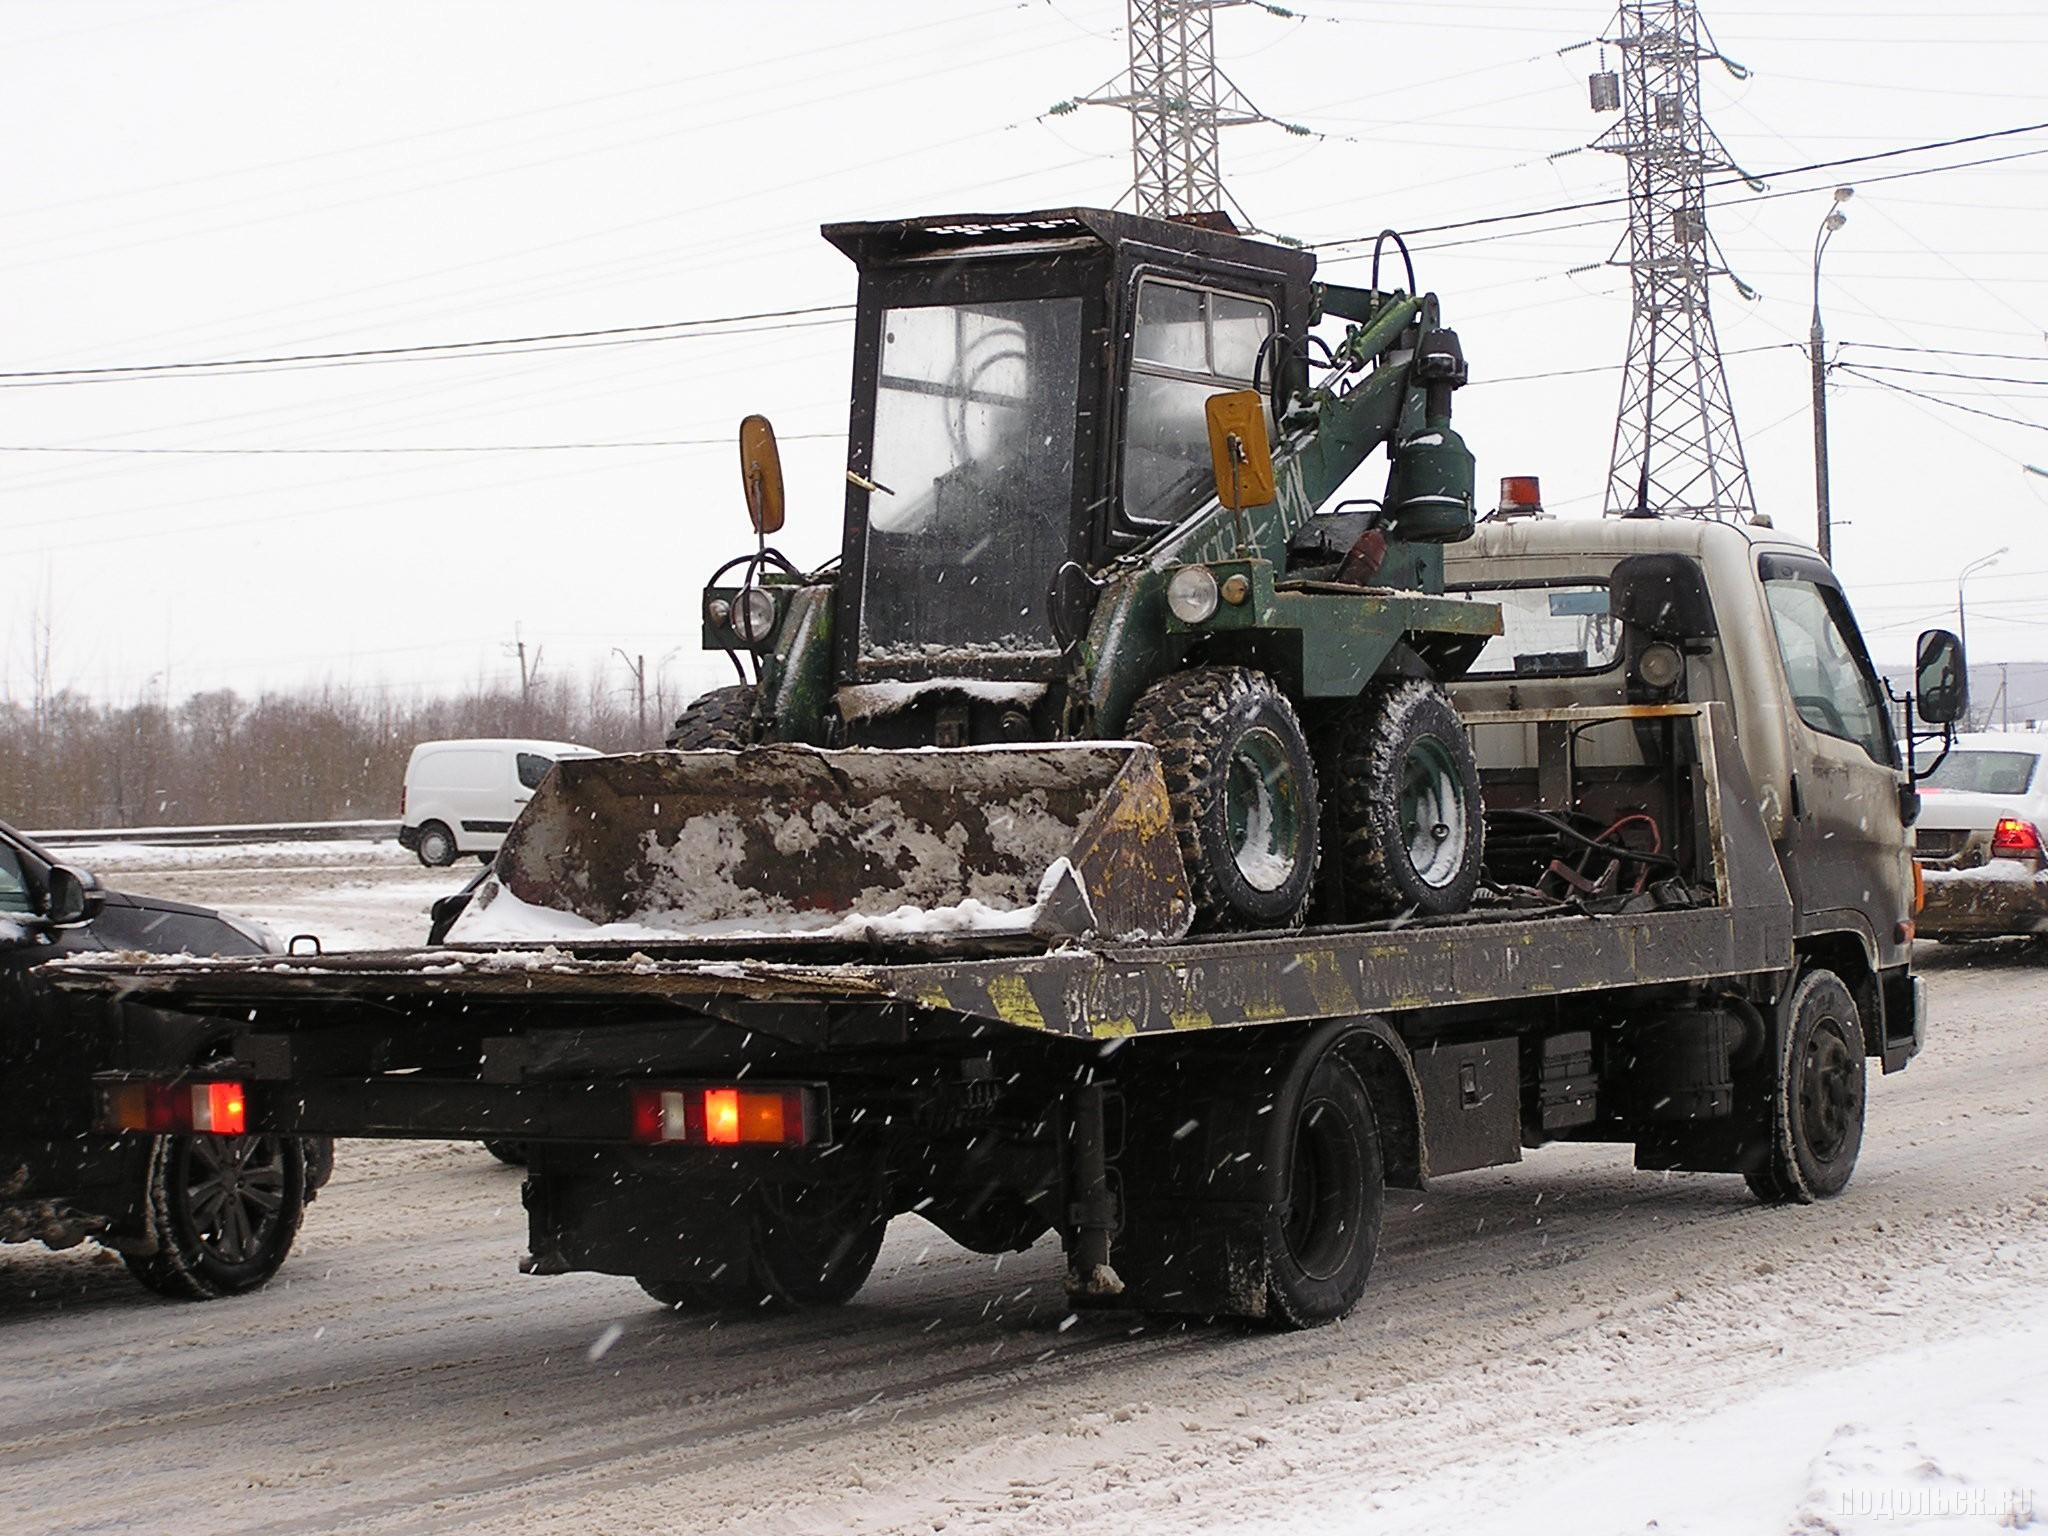 Мини-трактор на эвакуаторе. 15.01.2016.